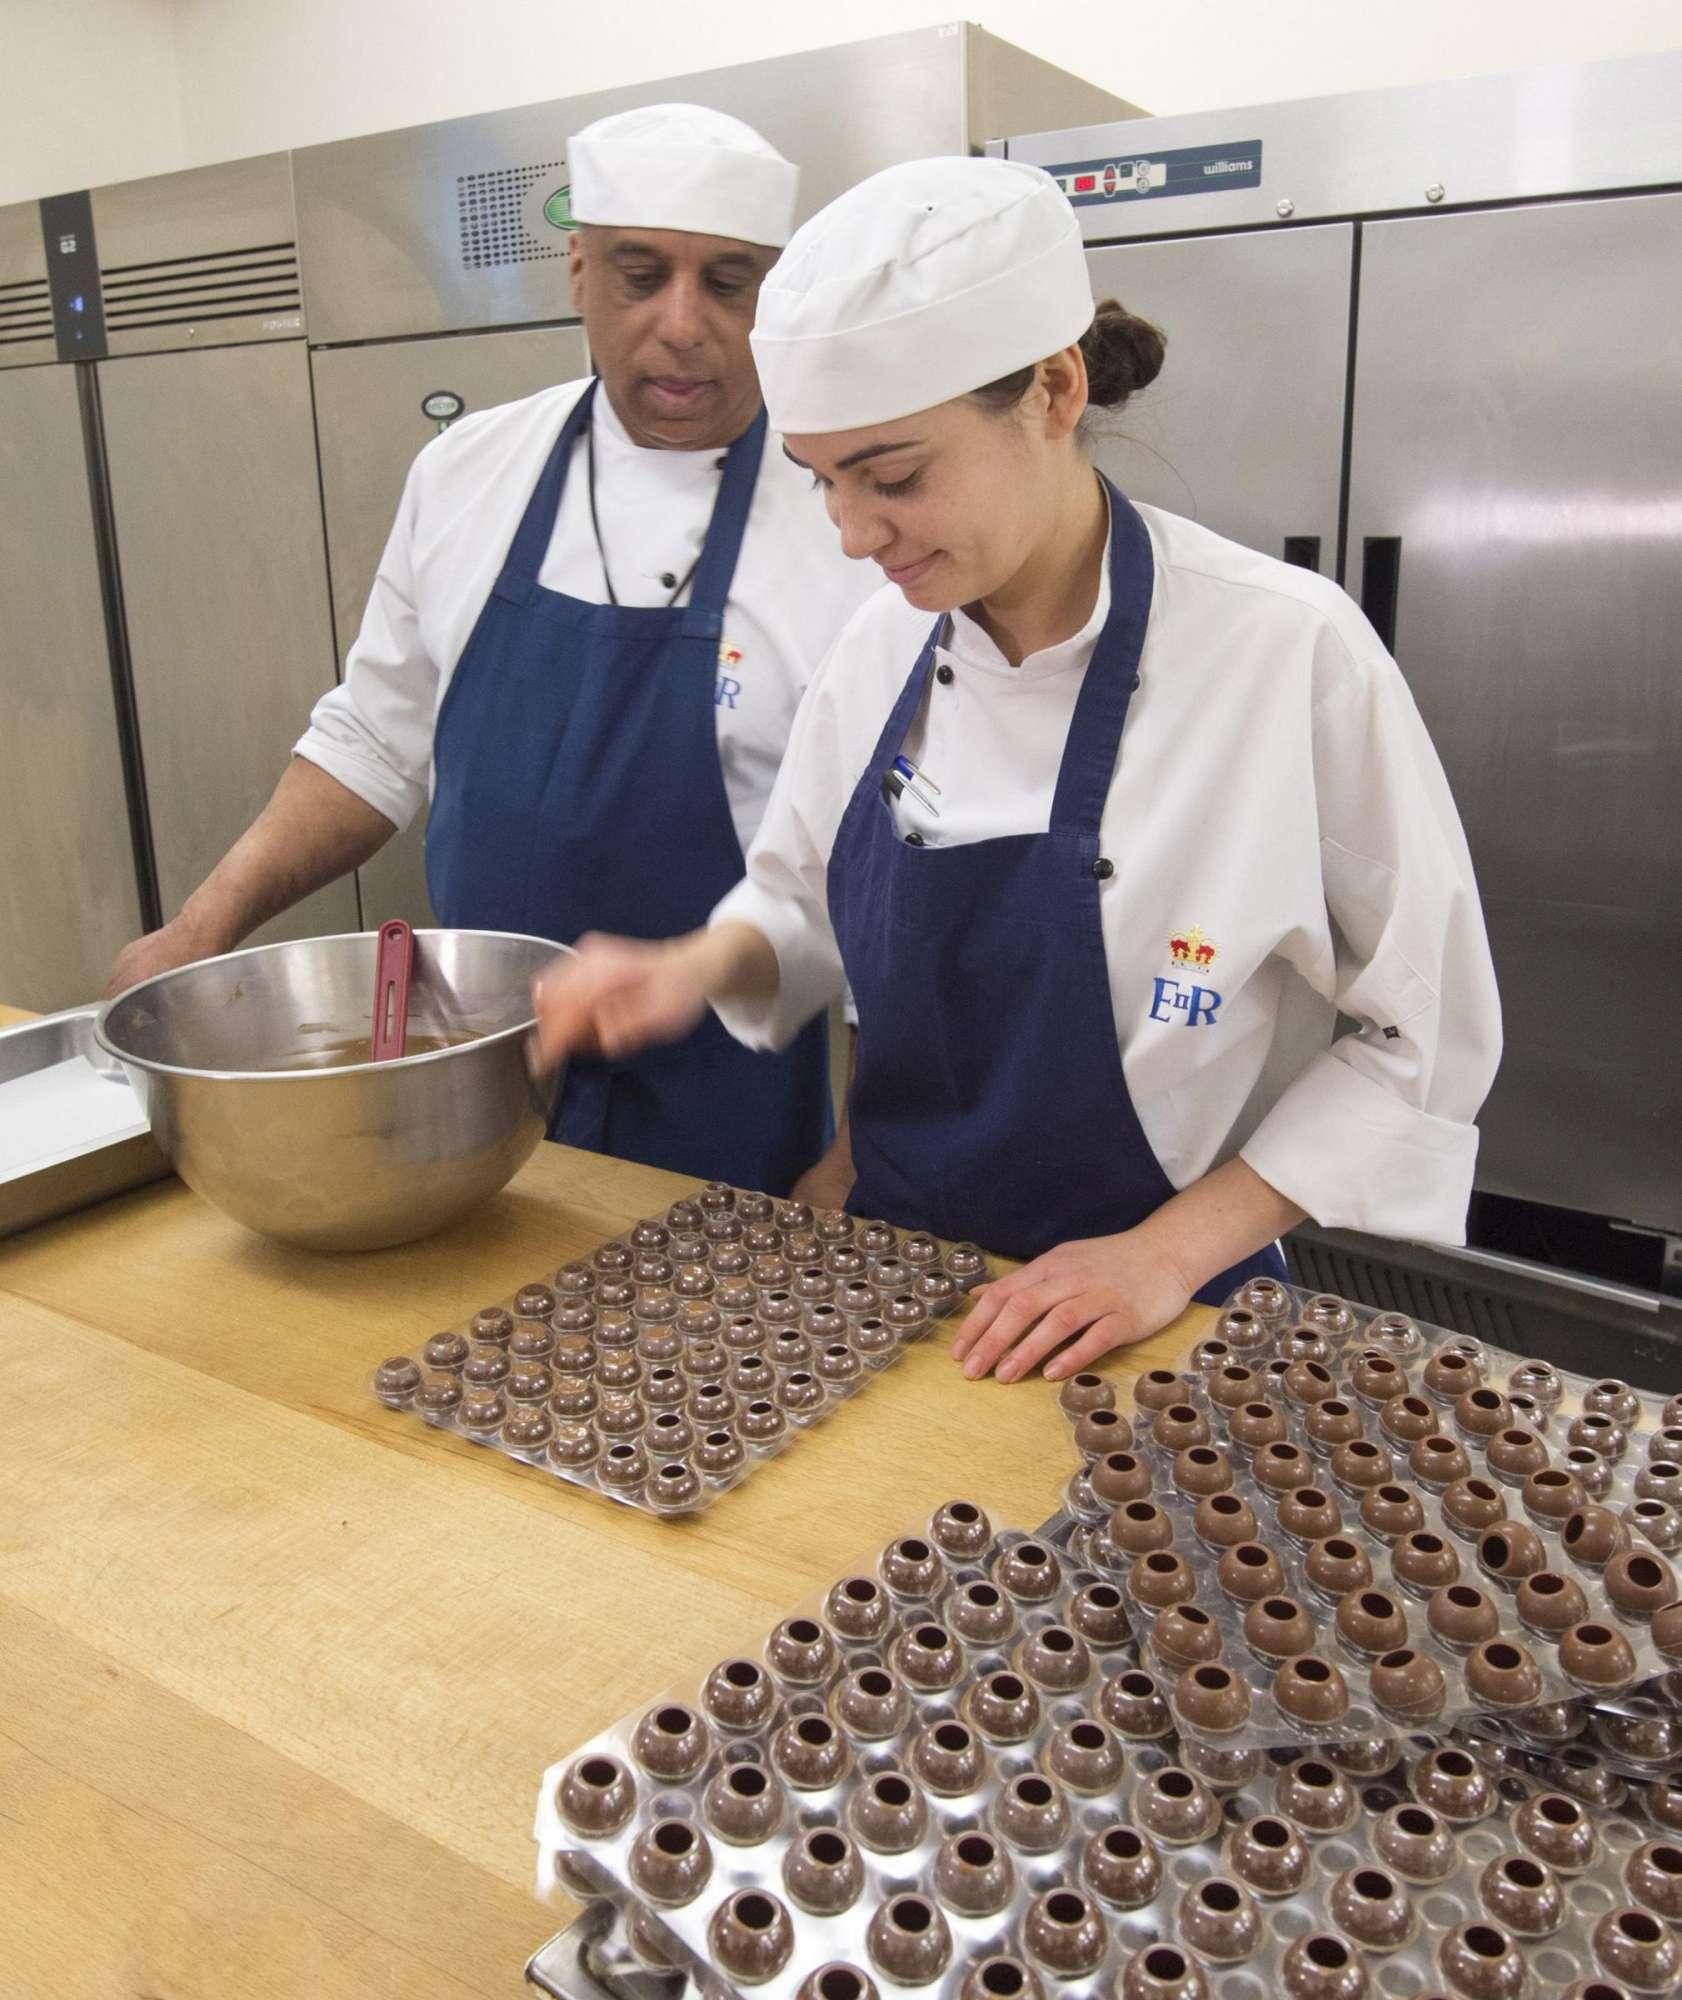 Nozze Harry-Meghan Markle, c è fermento nelle cucine del Castello di Windsor